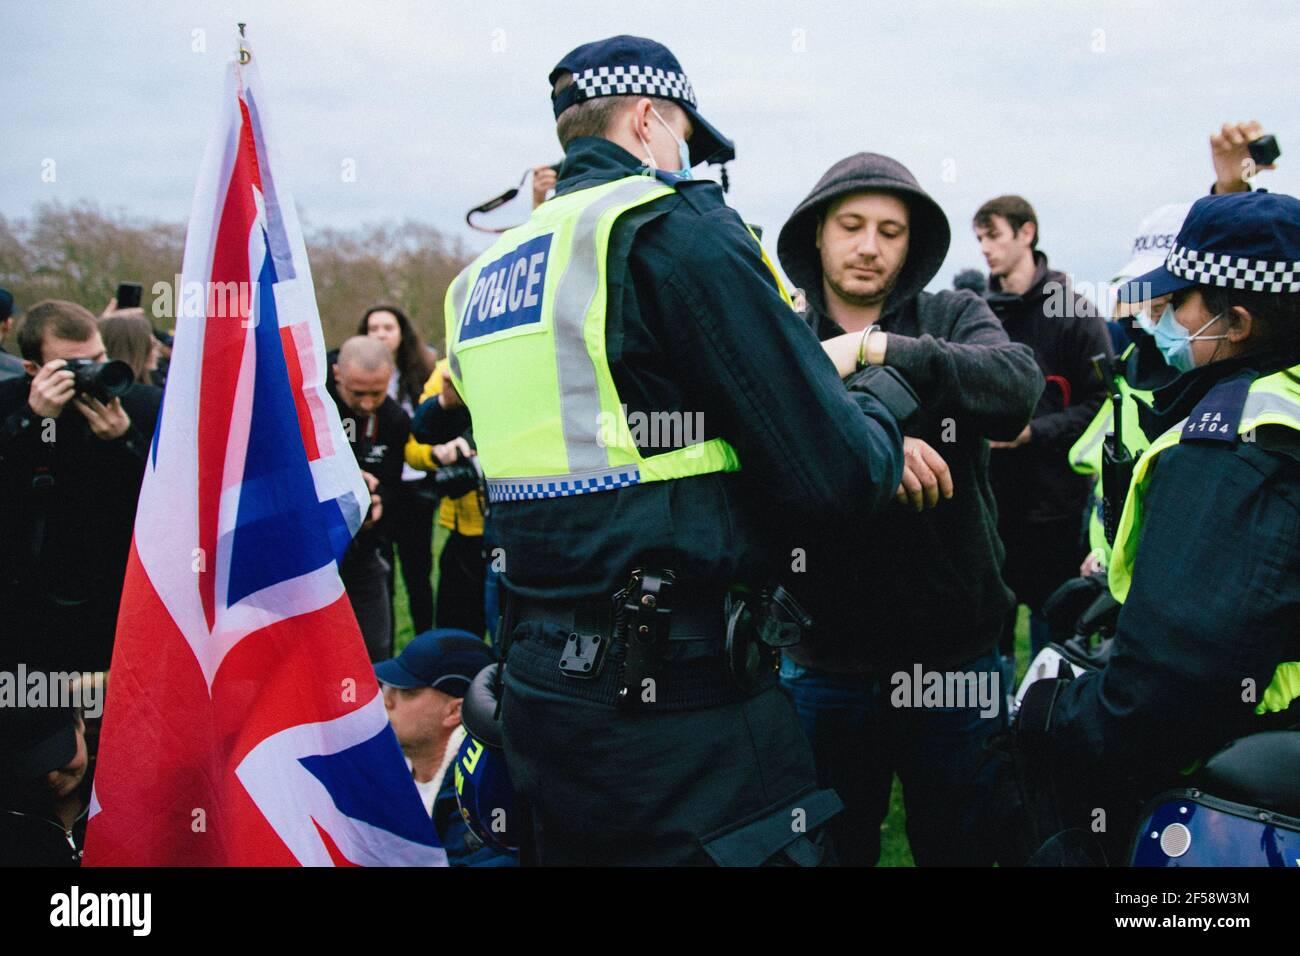 Londres, Reino Unido, 20th de marzo de 2021. Alrededor de 6000 manifestantes contra el bloqueo y la vacunación y contra la Policía, el crimen, la sentencia y los tribunales Bill march en el centro de Londres. La protesta comenzó en Hyde Park con una serie de detenciones y un discurso de Piers Corbyn, que se presenta para el alcalde de Londres, Marchó sin problemas por el centro de Londres y terminó con un puesto de espera tenso en Hyde Park, entre unos 200 manifestantes y policías antidisturbios restantes. Un hombre es arrestado en Hyde Park Foto de stock